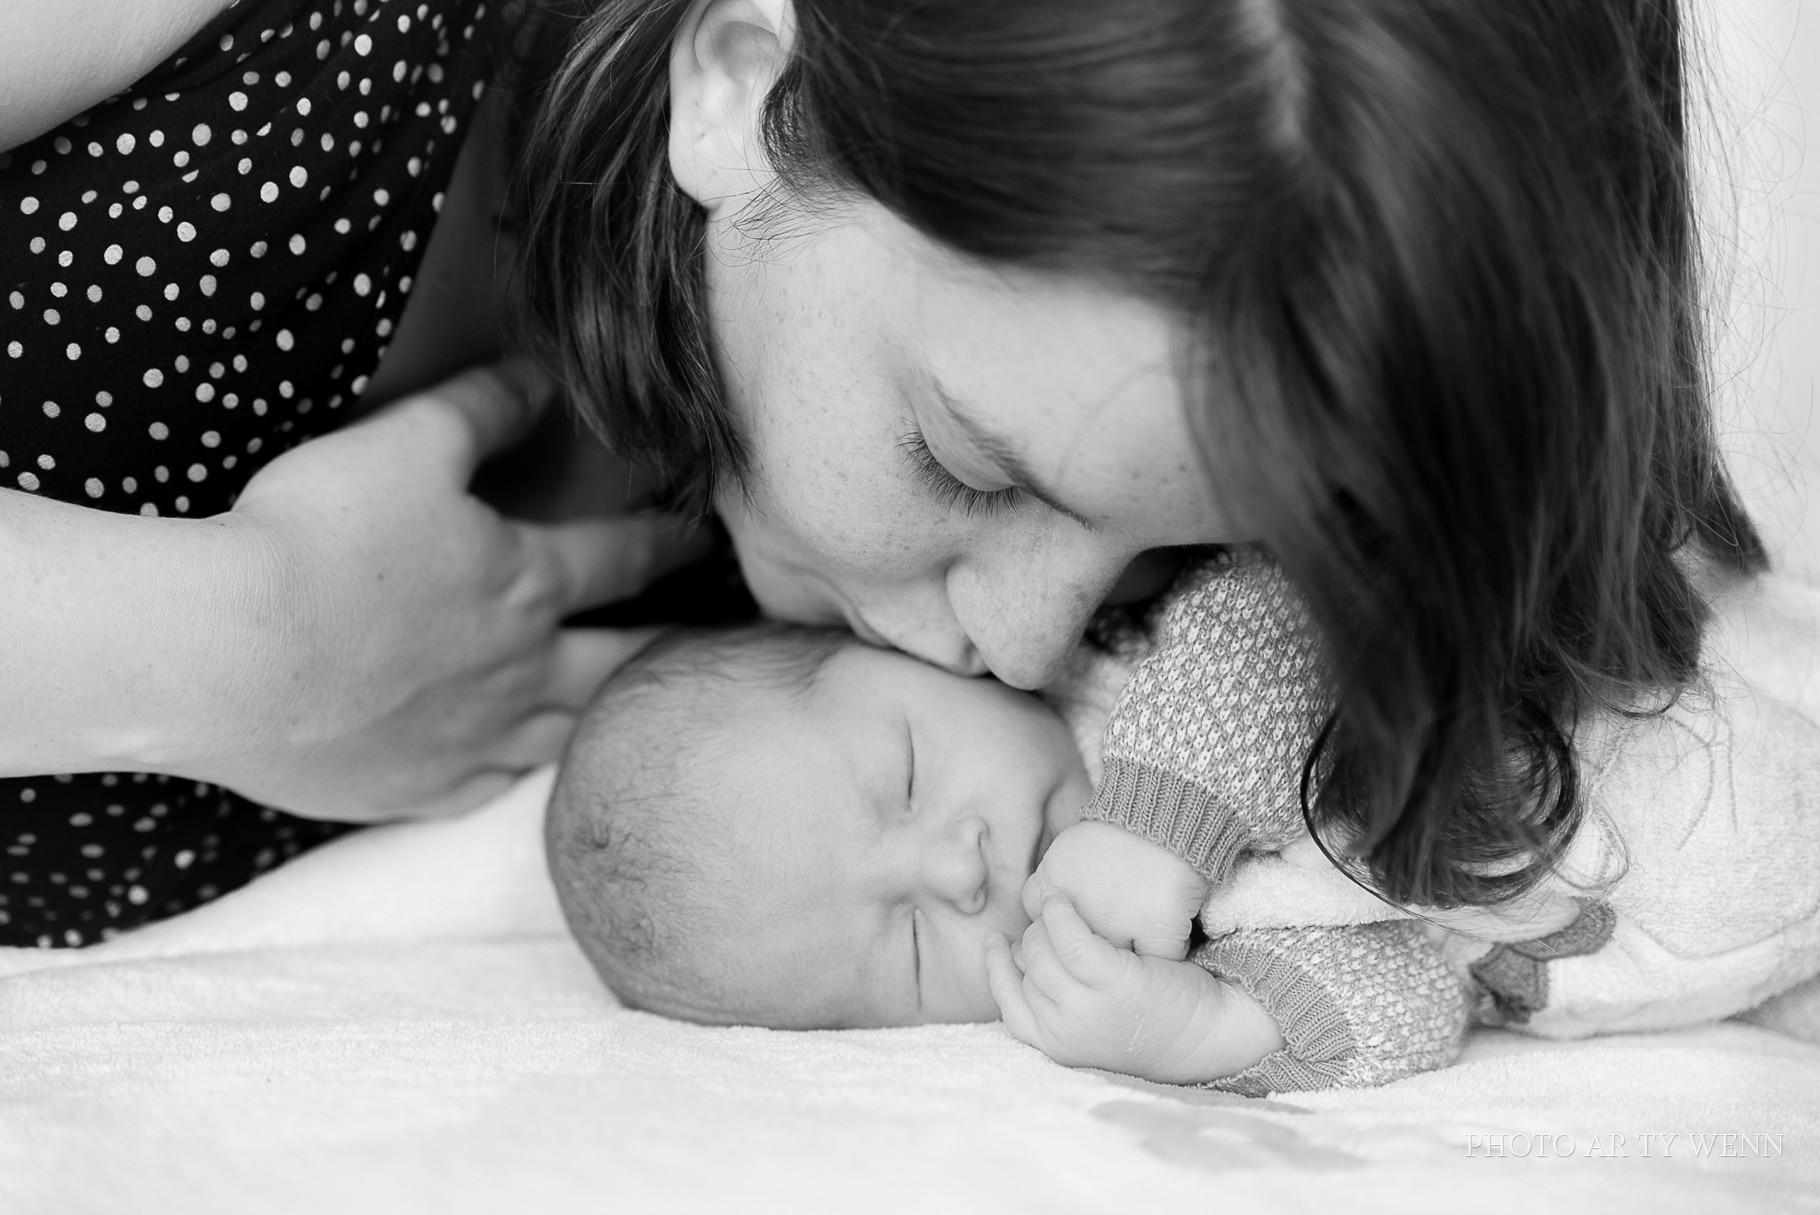 Séance naissance-photoartywenn